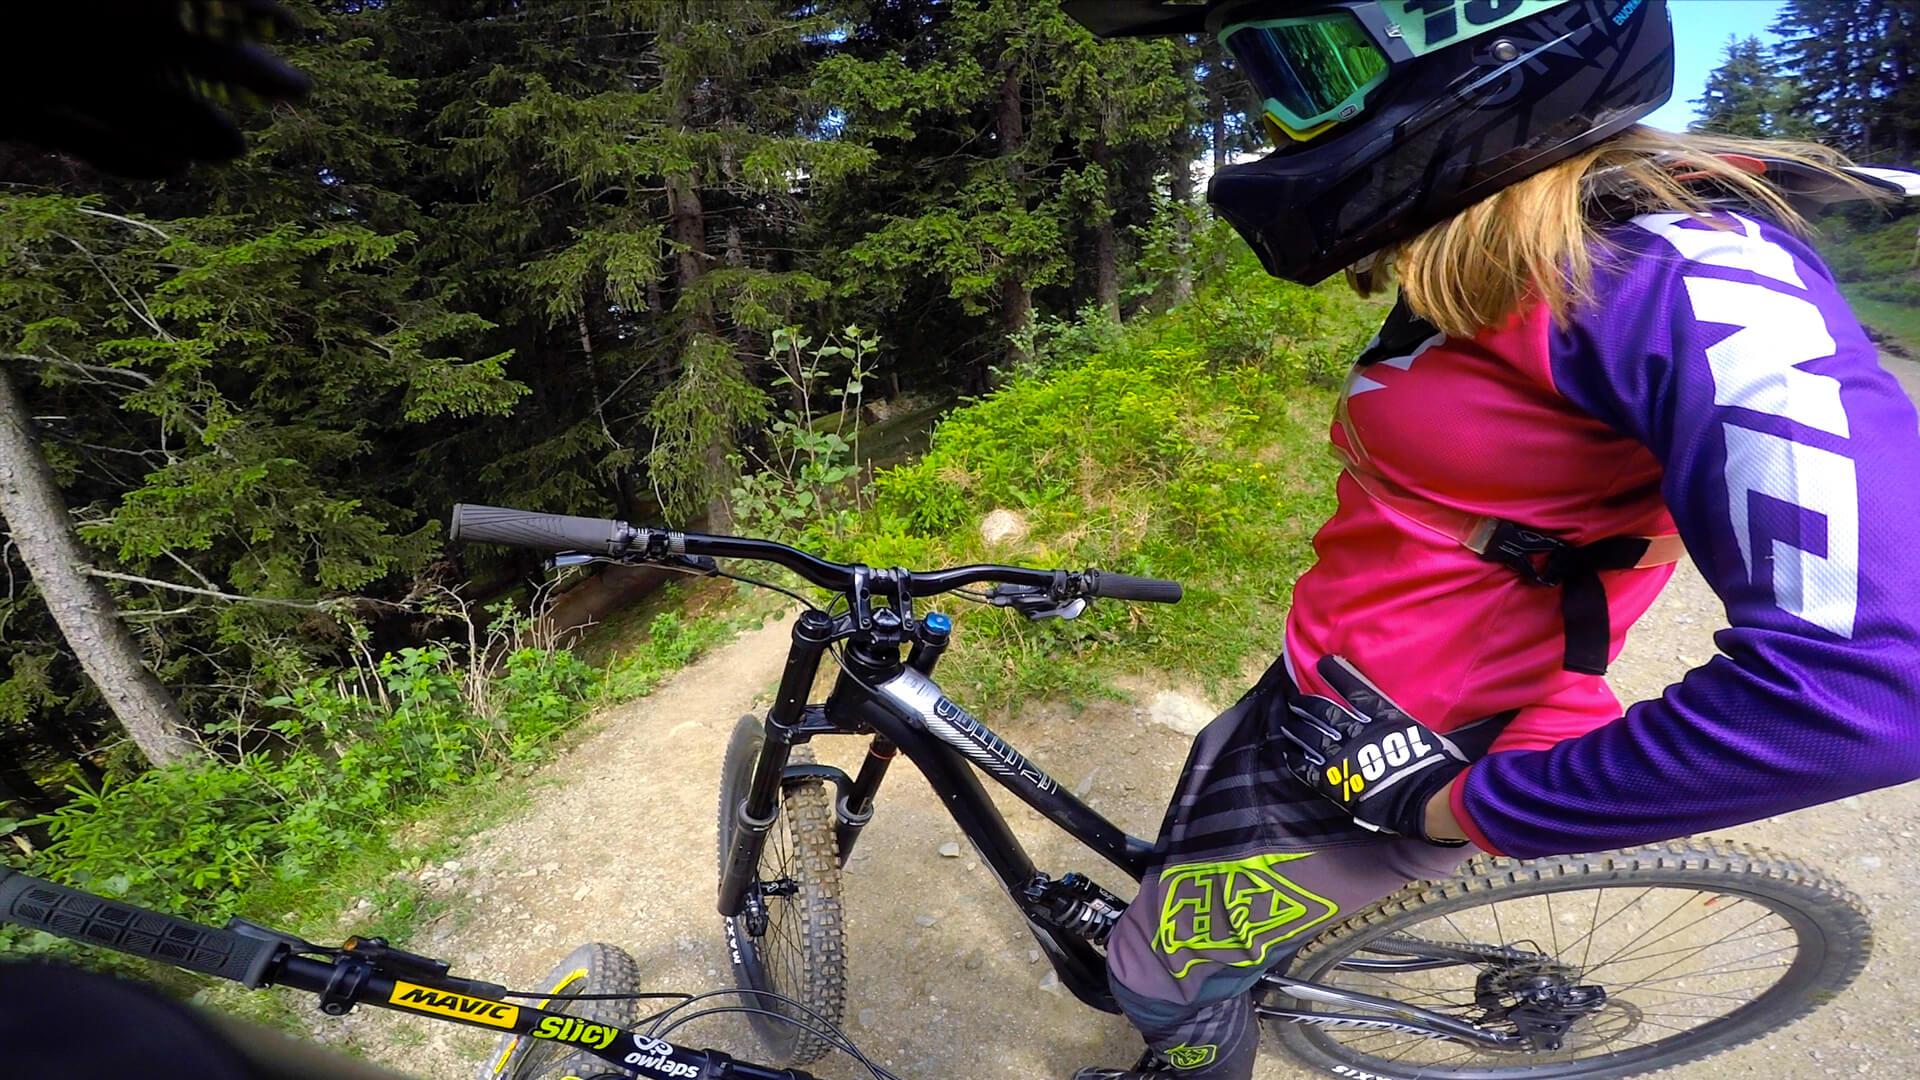 beldina-les-7-laux-bike-park-france-photo-10-HD